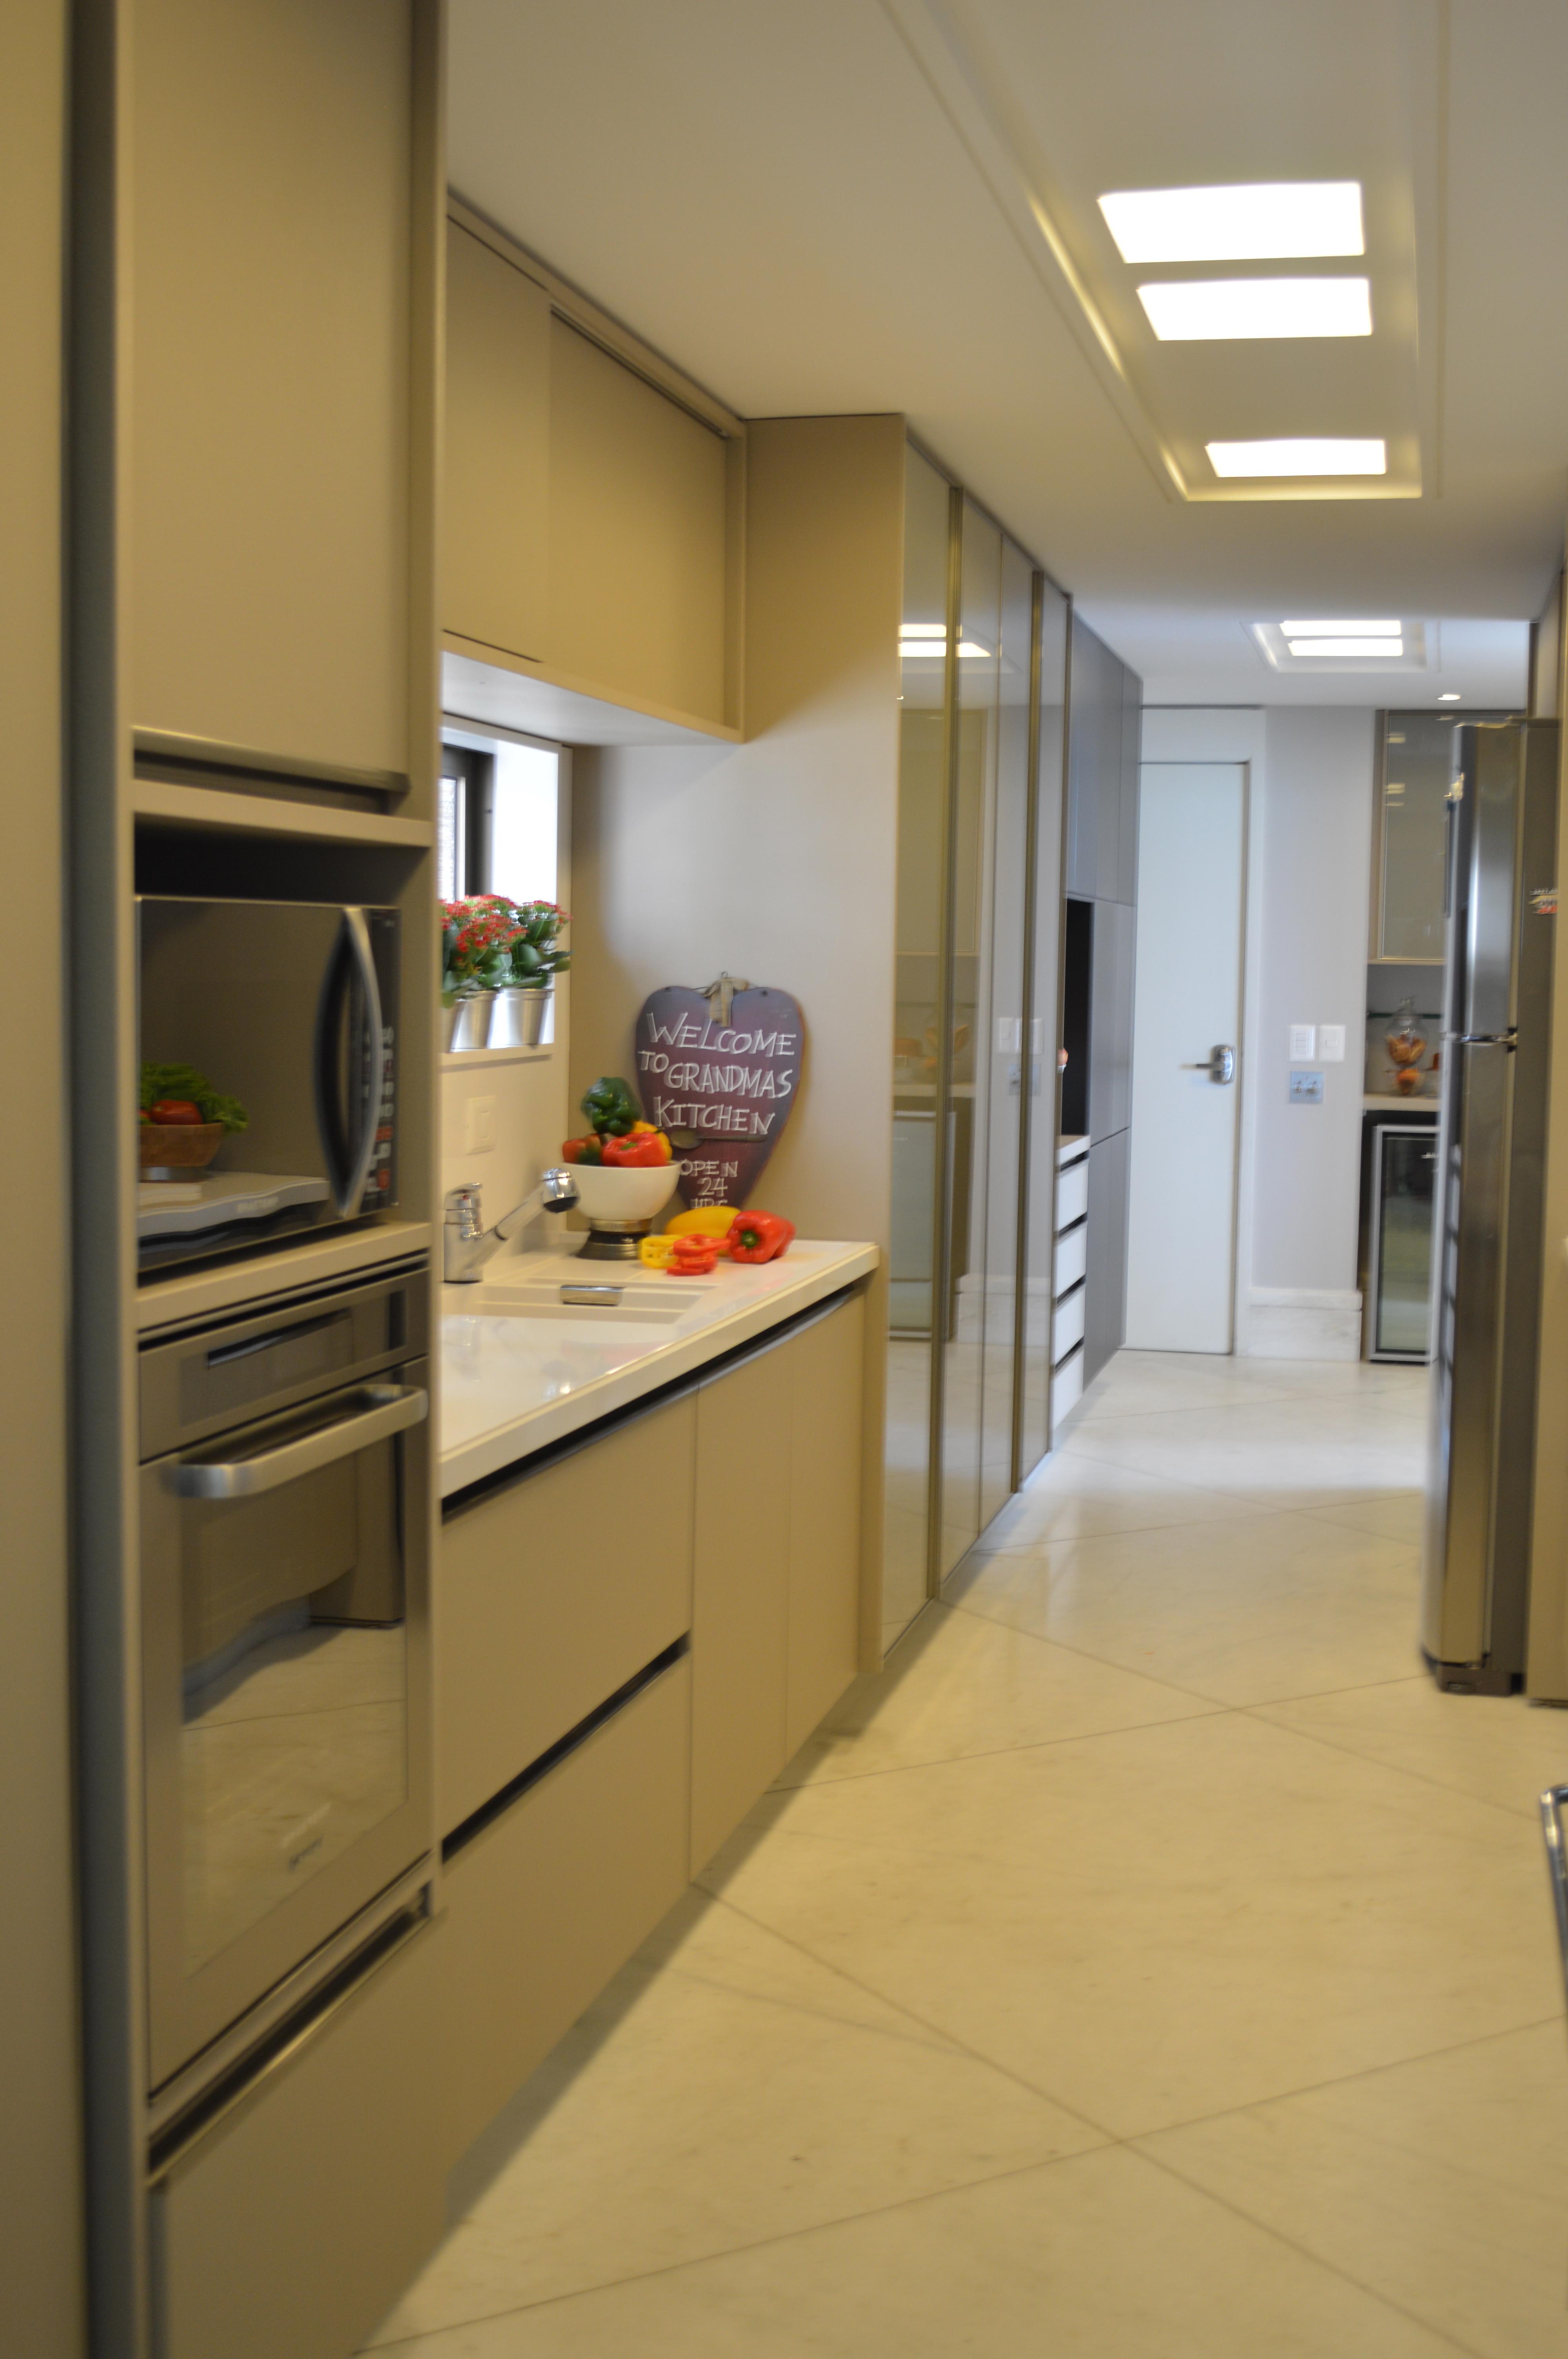 #90723B cozinhas florense marcia nejaim 4000x6016 px Projetos De Cozinhas Florense #567 imagens